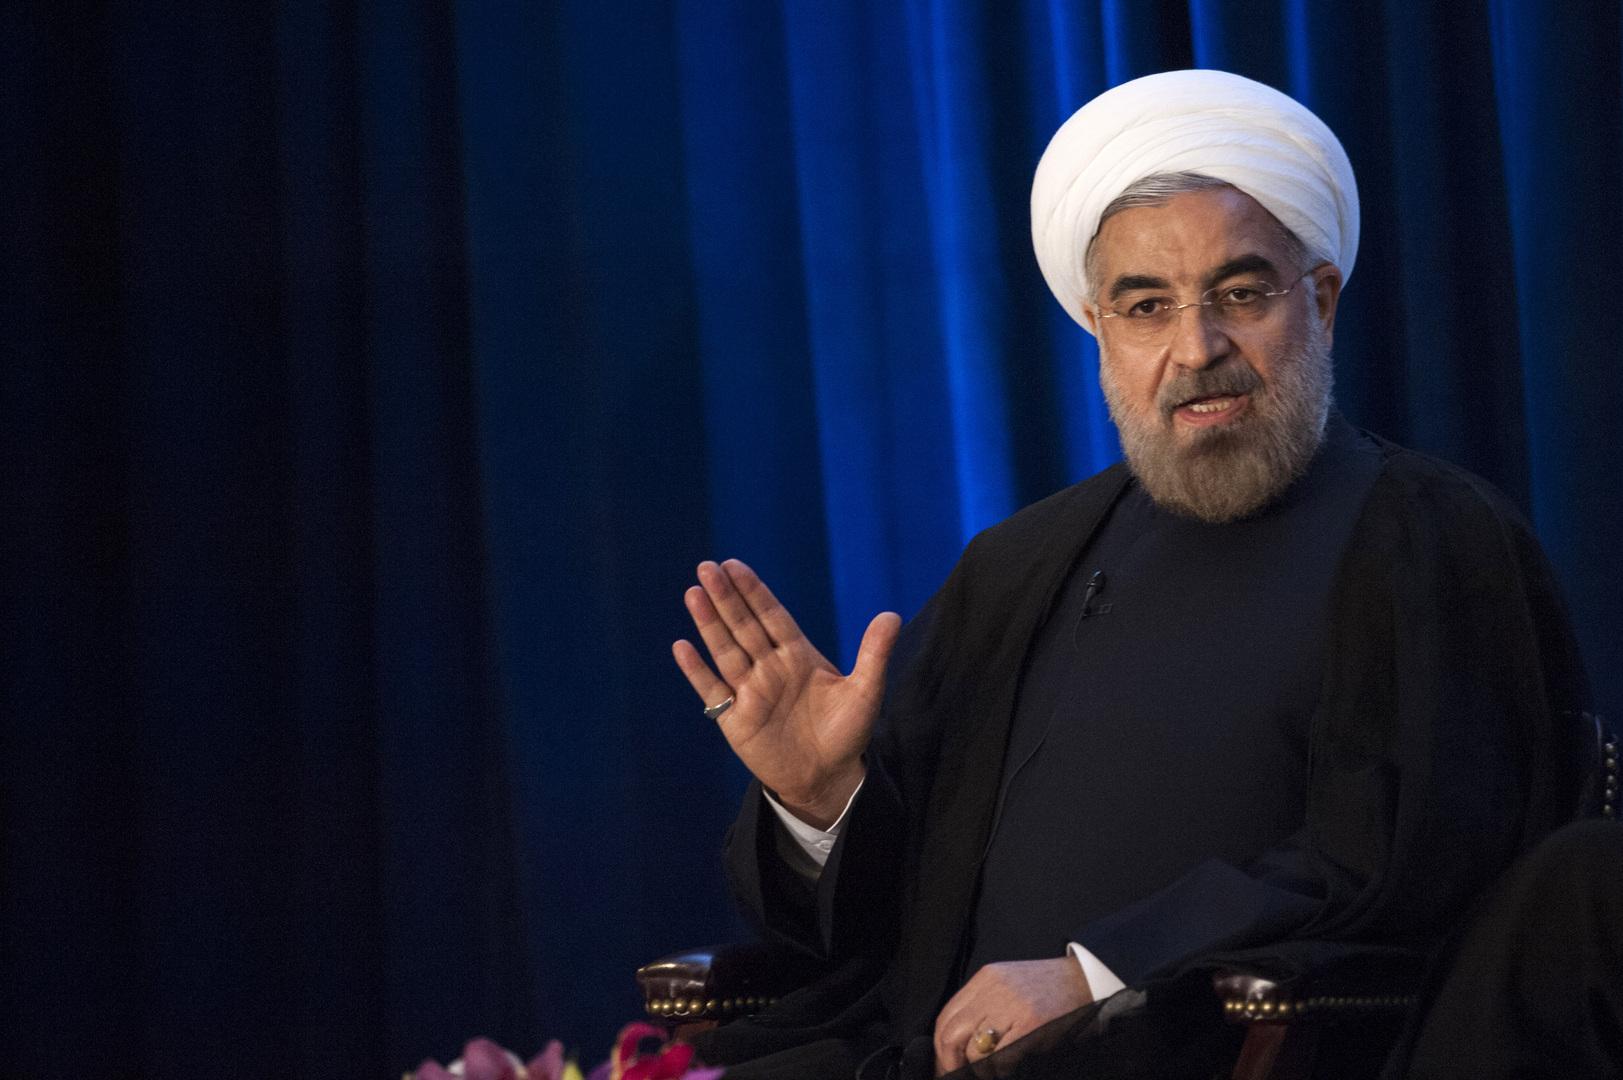 روحاني: الإمارات والبحرين تسعيان إلى منح إسرائيل قواعد في المنطقة وعليهما تحمل كافة العواقب الوخيمة